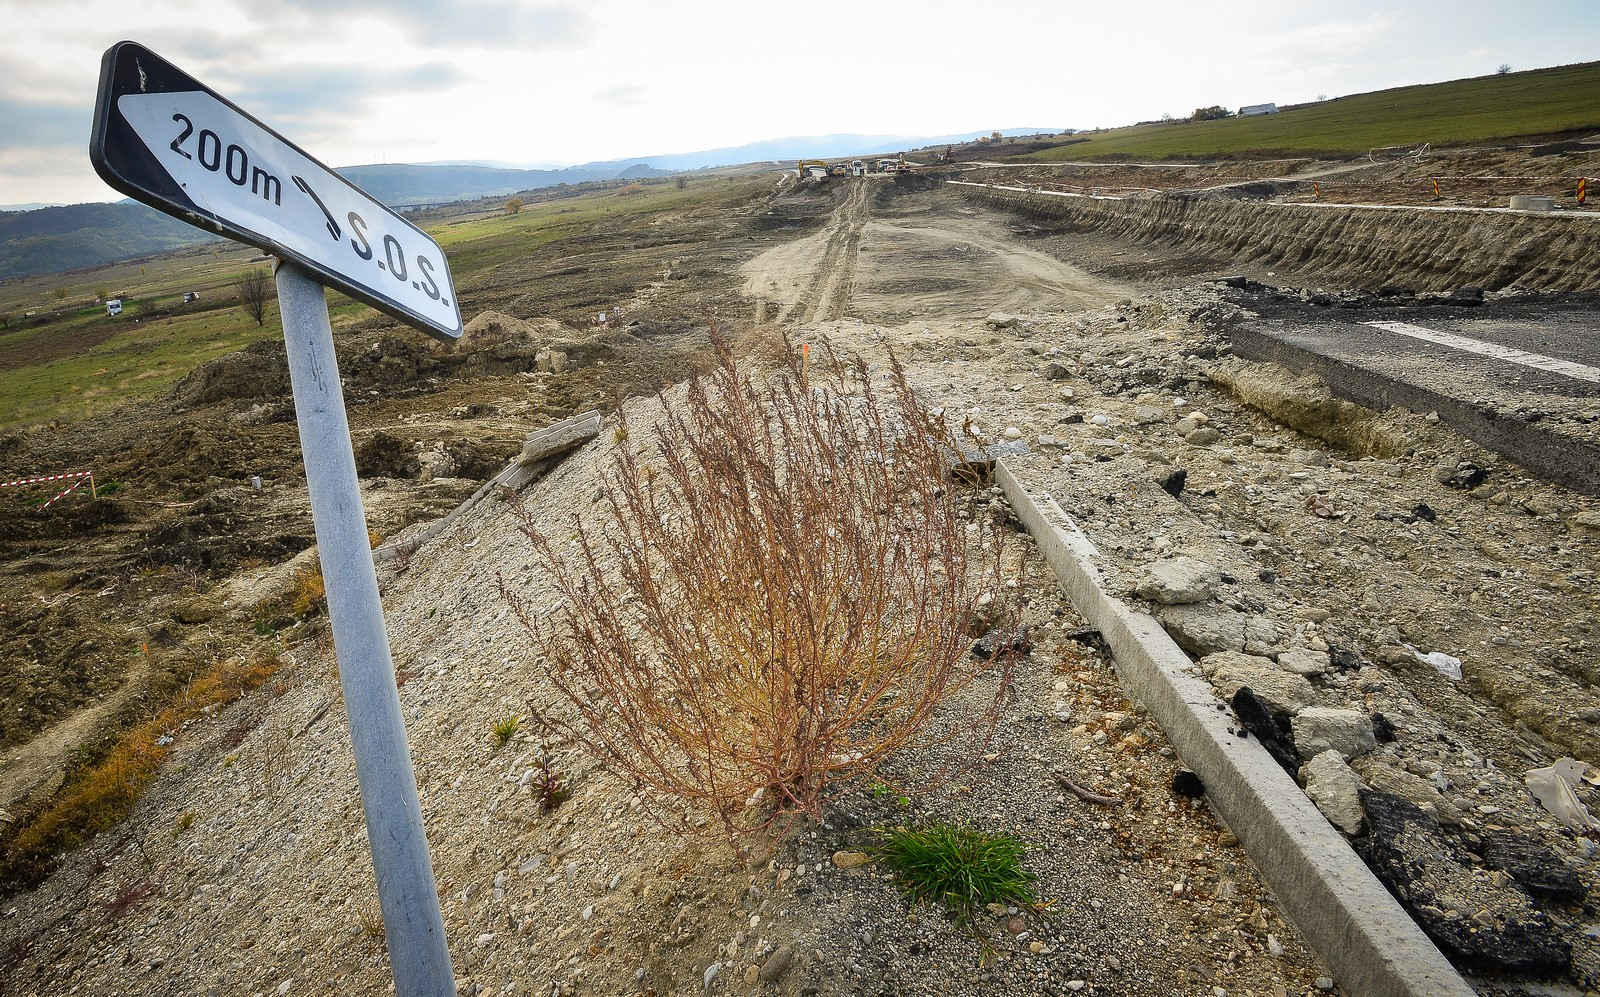 E oficial. CNADNR caută alt constructor pentru autostrada demolată. Să salveze bani, nu vieți